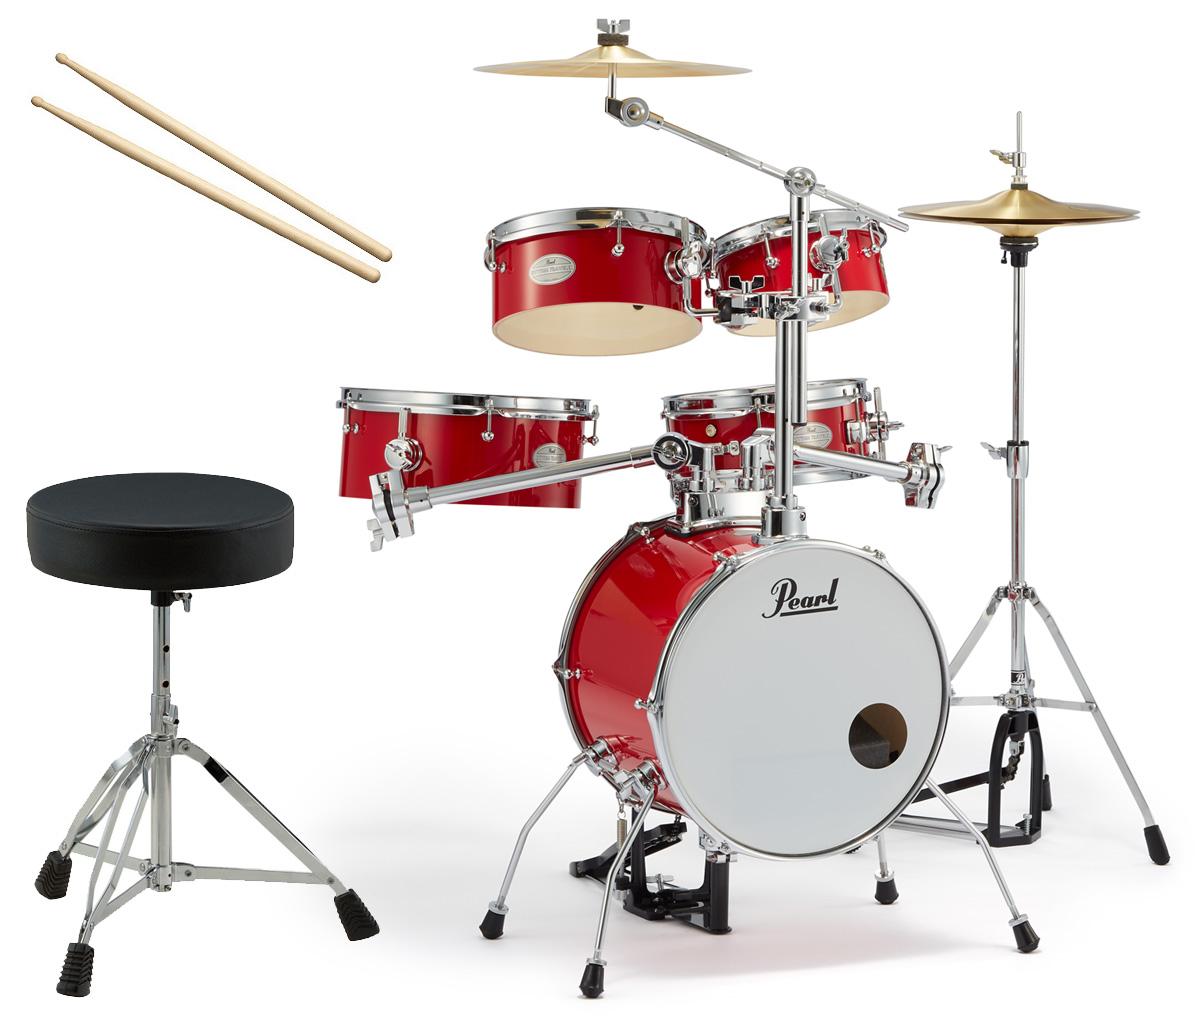 Pearl 小型 ドラムセット RT-645N/C 94-キャンディアップル リズムトラベラー ドラムイスとスティック付き